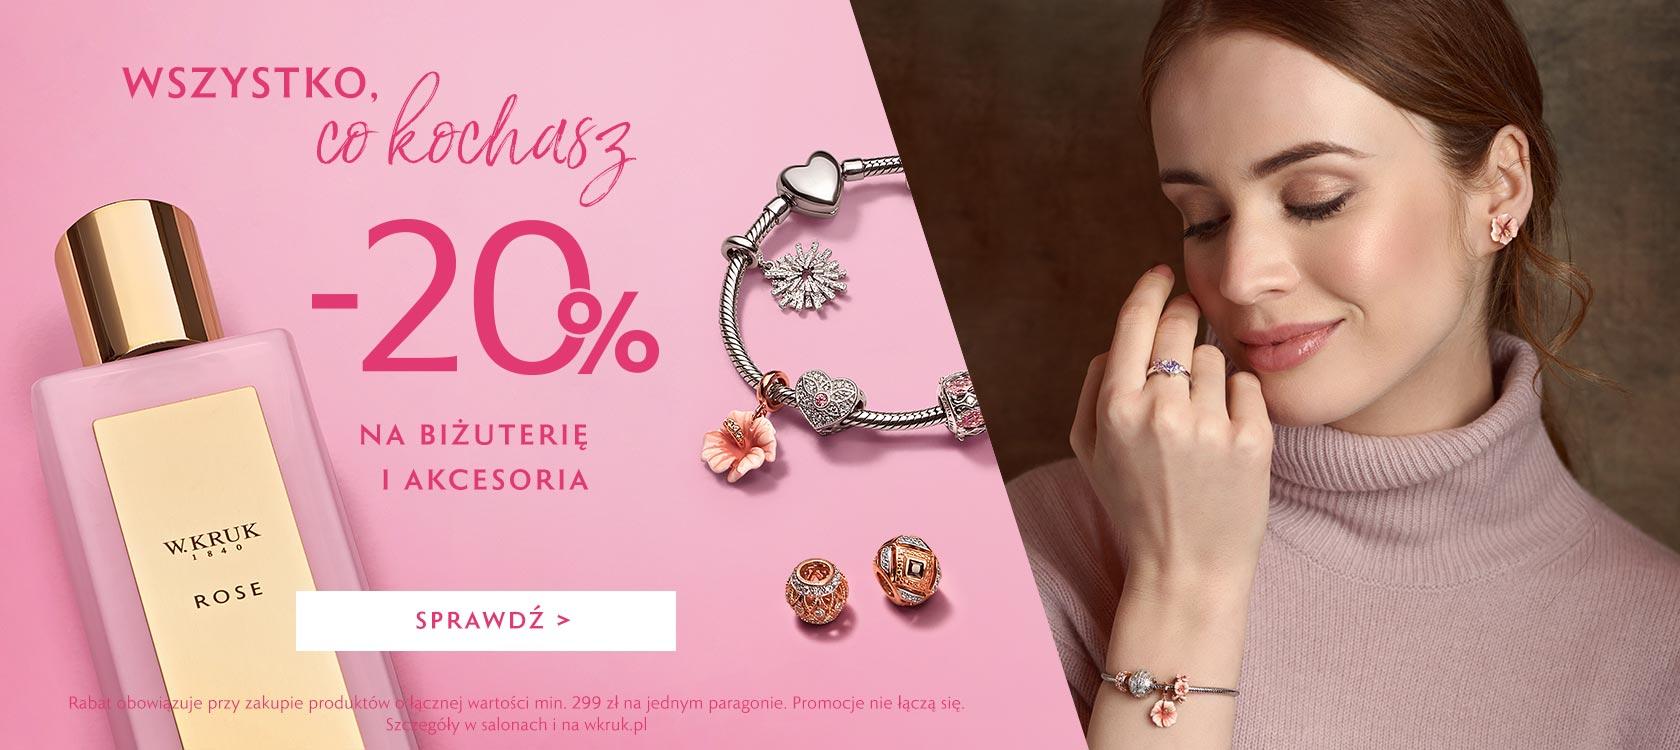 W.Kruk: 20% zniżki na biżuterię i akcesoria przy zakupach za min. 299 zł